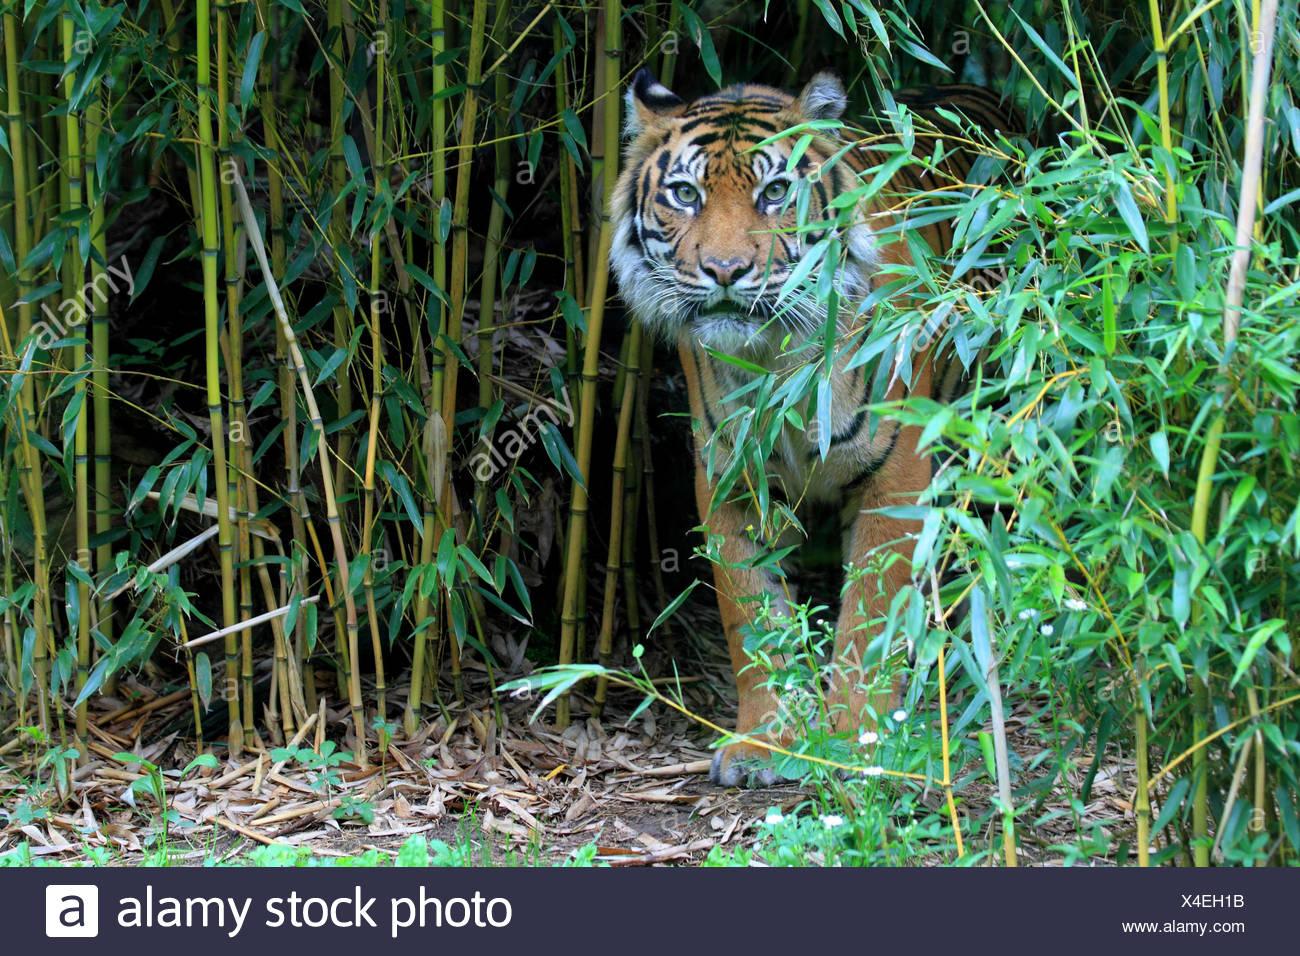 Sumatra tiger, Busch, landscape format, tiger, big cat, mammal, animal, wild animal, Sumatra tiger, medium close-up, - Stock Image